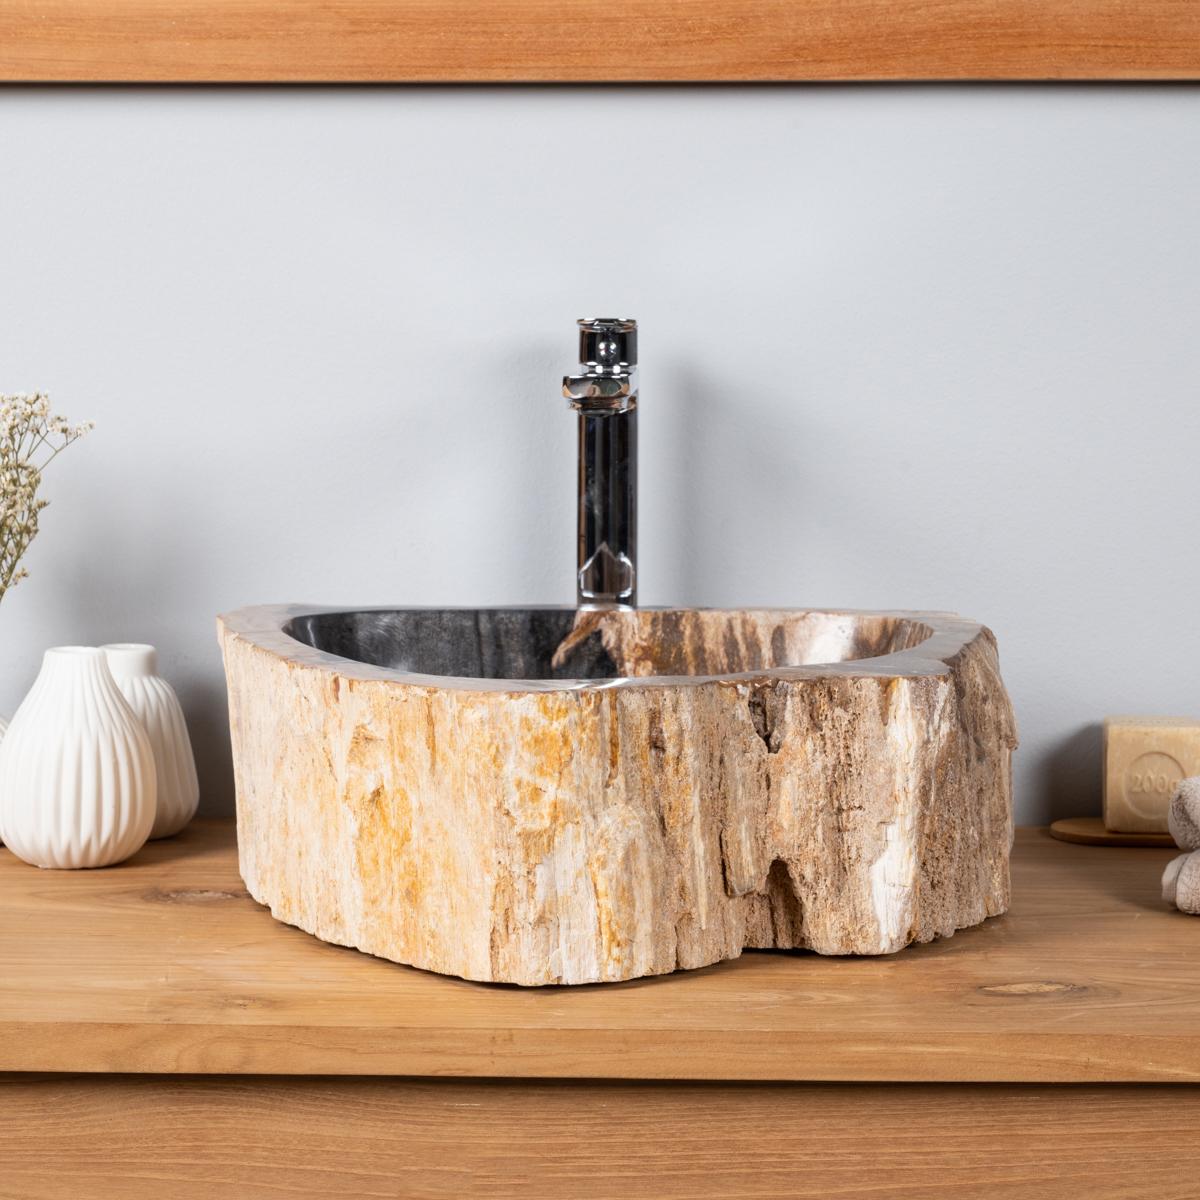 Vasque de salle de bain en bois p trifi fossilis l 42 cm - Vasque salle de bain bois ...